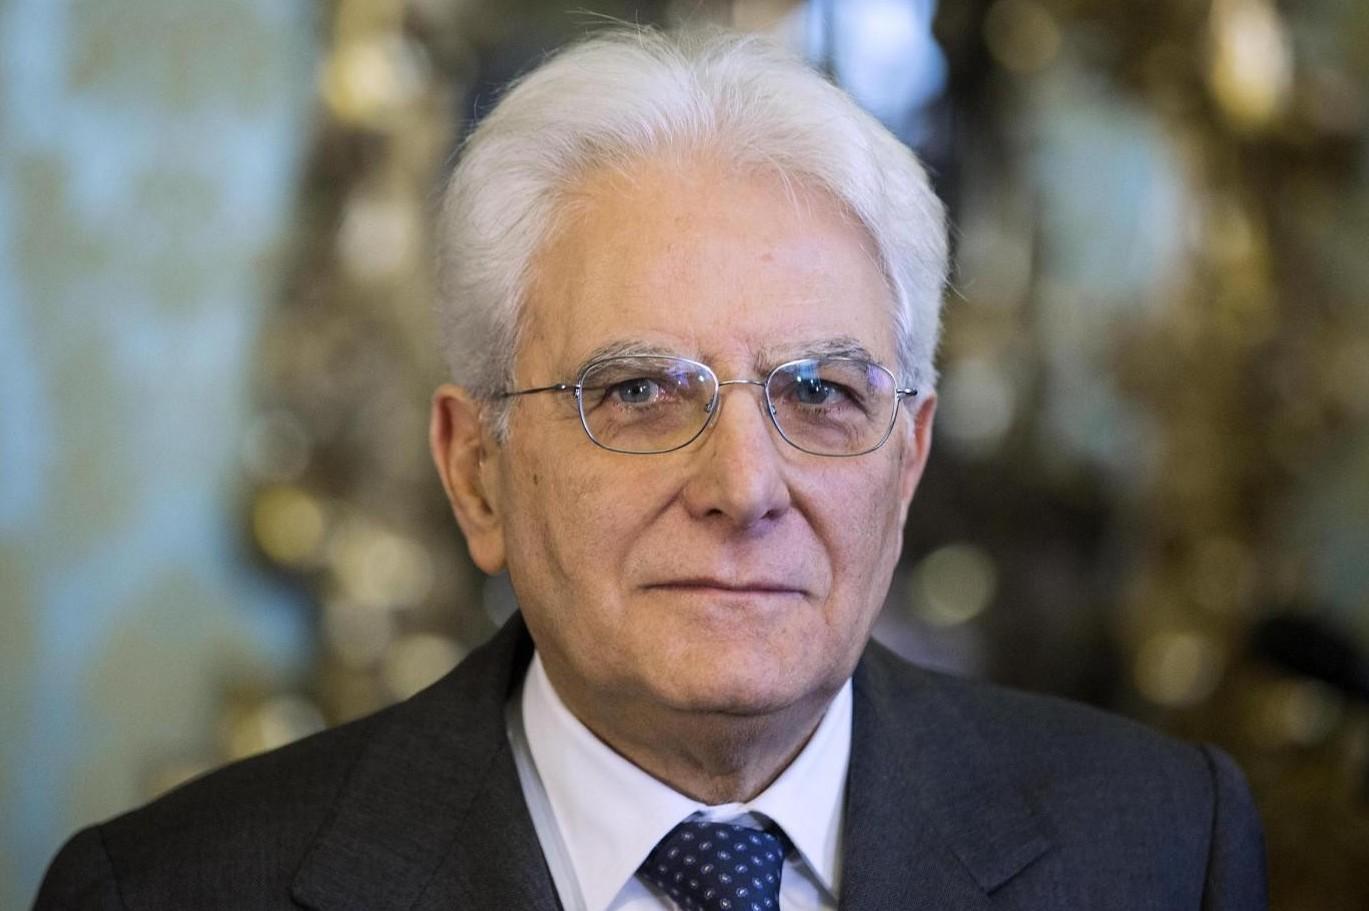 Pensioni ultime notizie Mattarella, Rich